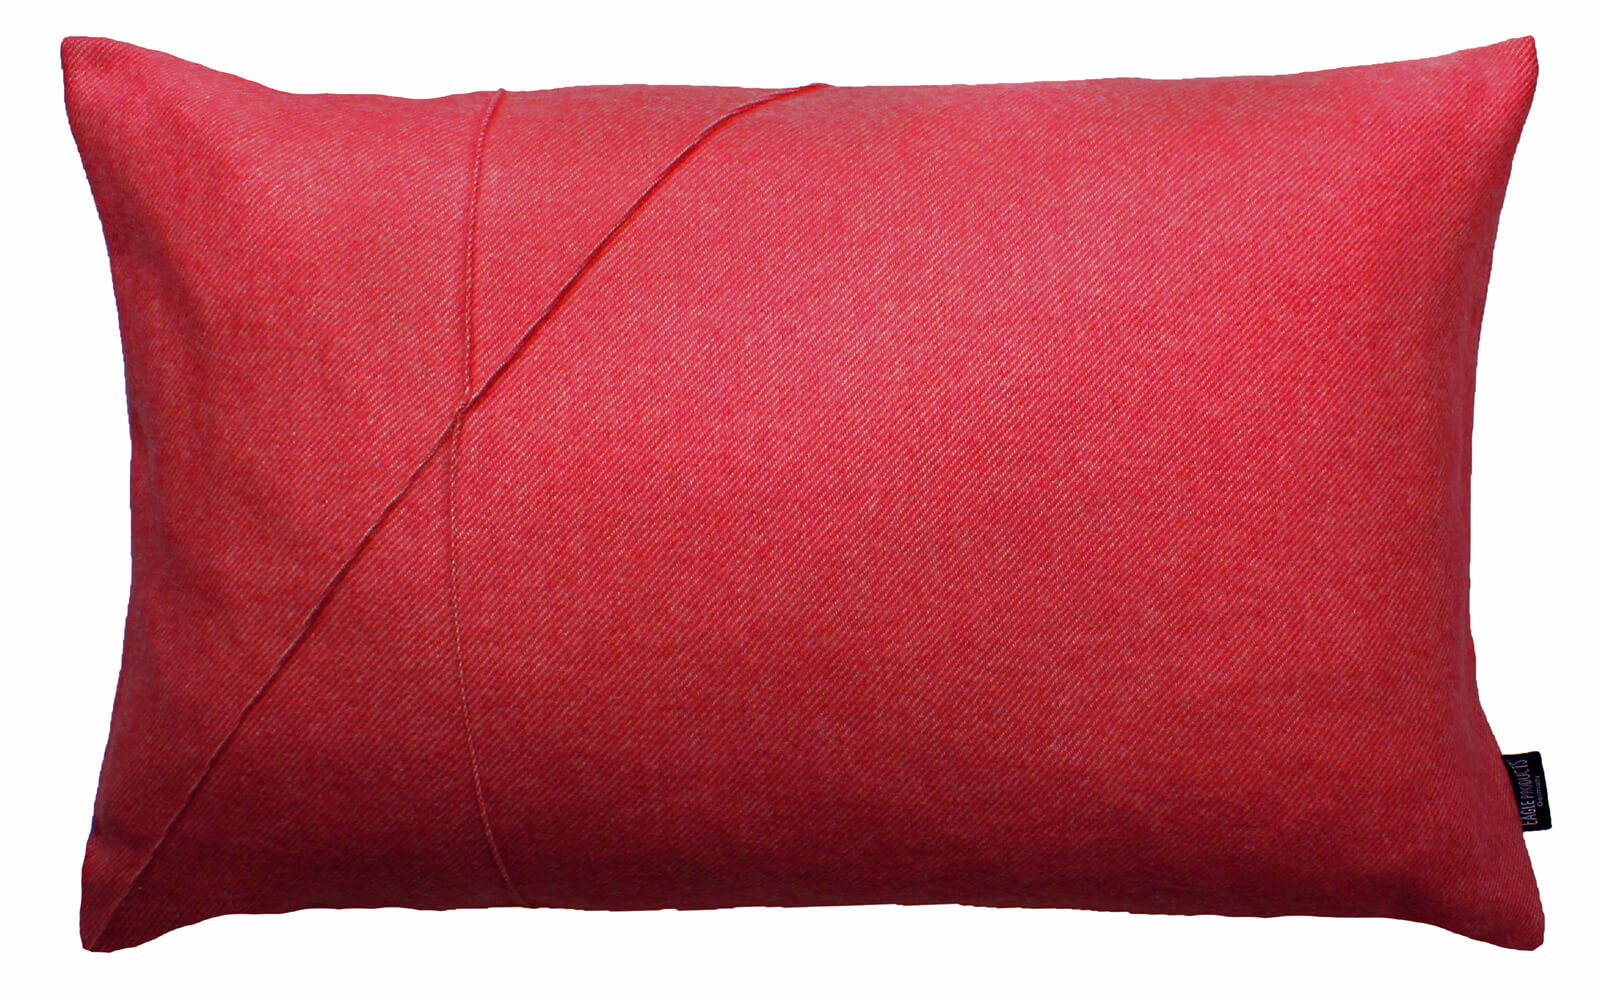 Bild von Lines-M166, Variante red